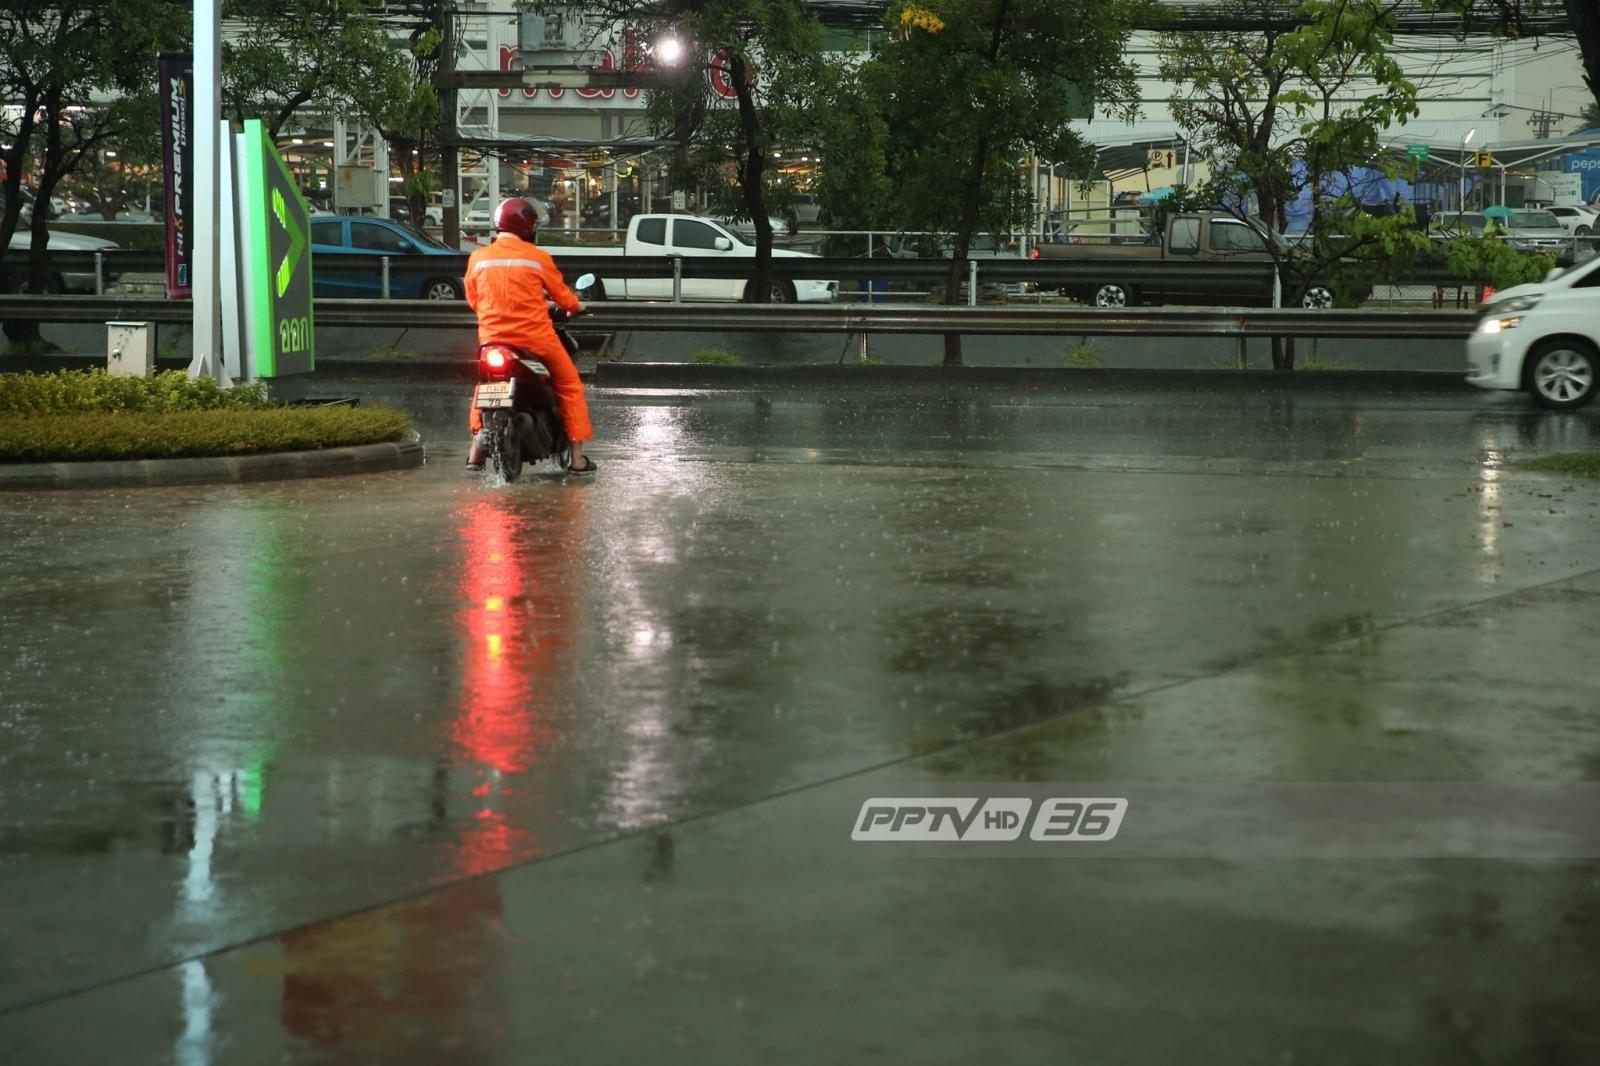 อุตุฯเผยระวังกรุงเทพฯมีฝนร้อยละ 60 ของพื้นที่